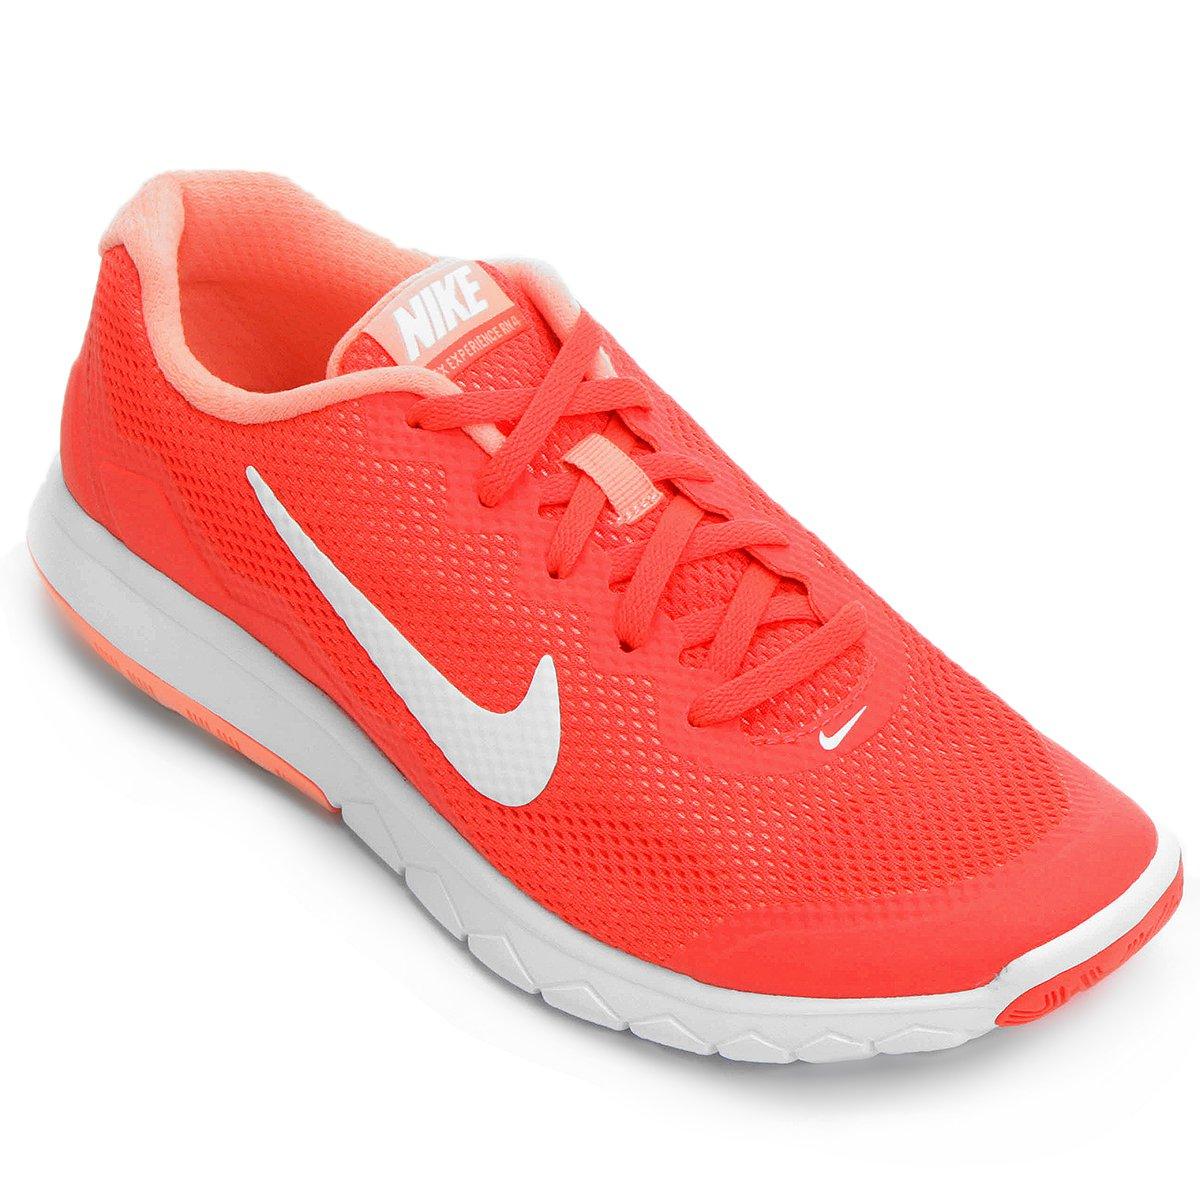 a379c760b7fec Tênis Nike Flex Experience RN 4 Feminino - Compre Agora